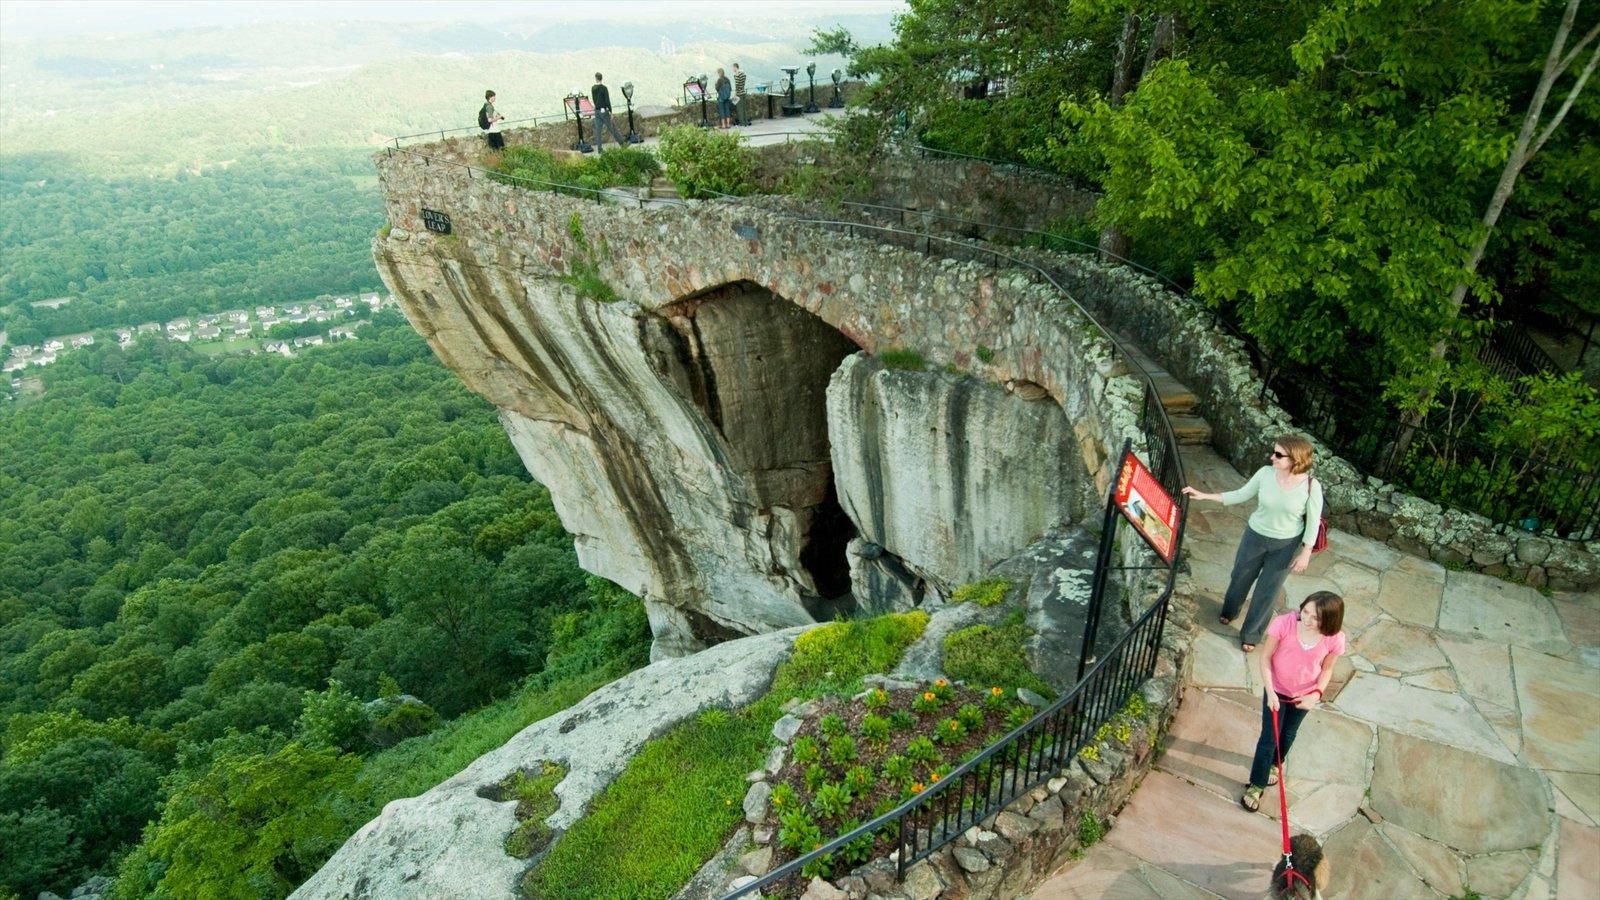 Chattanooga ofreciendo vistas y bosques y también un pequeño grupo de personas